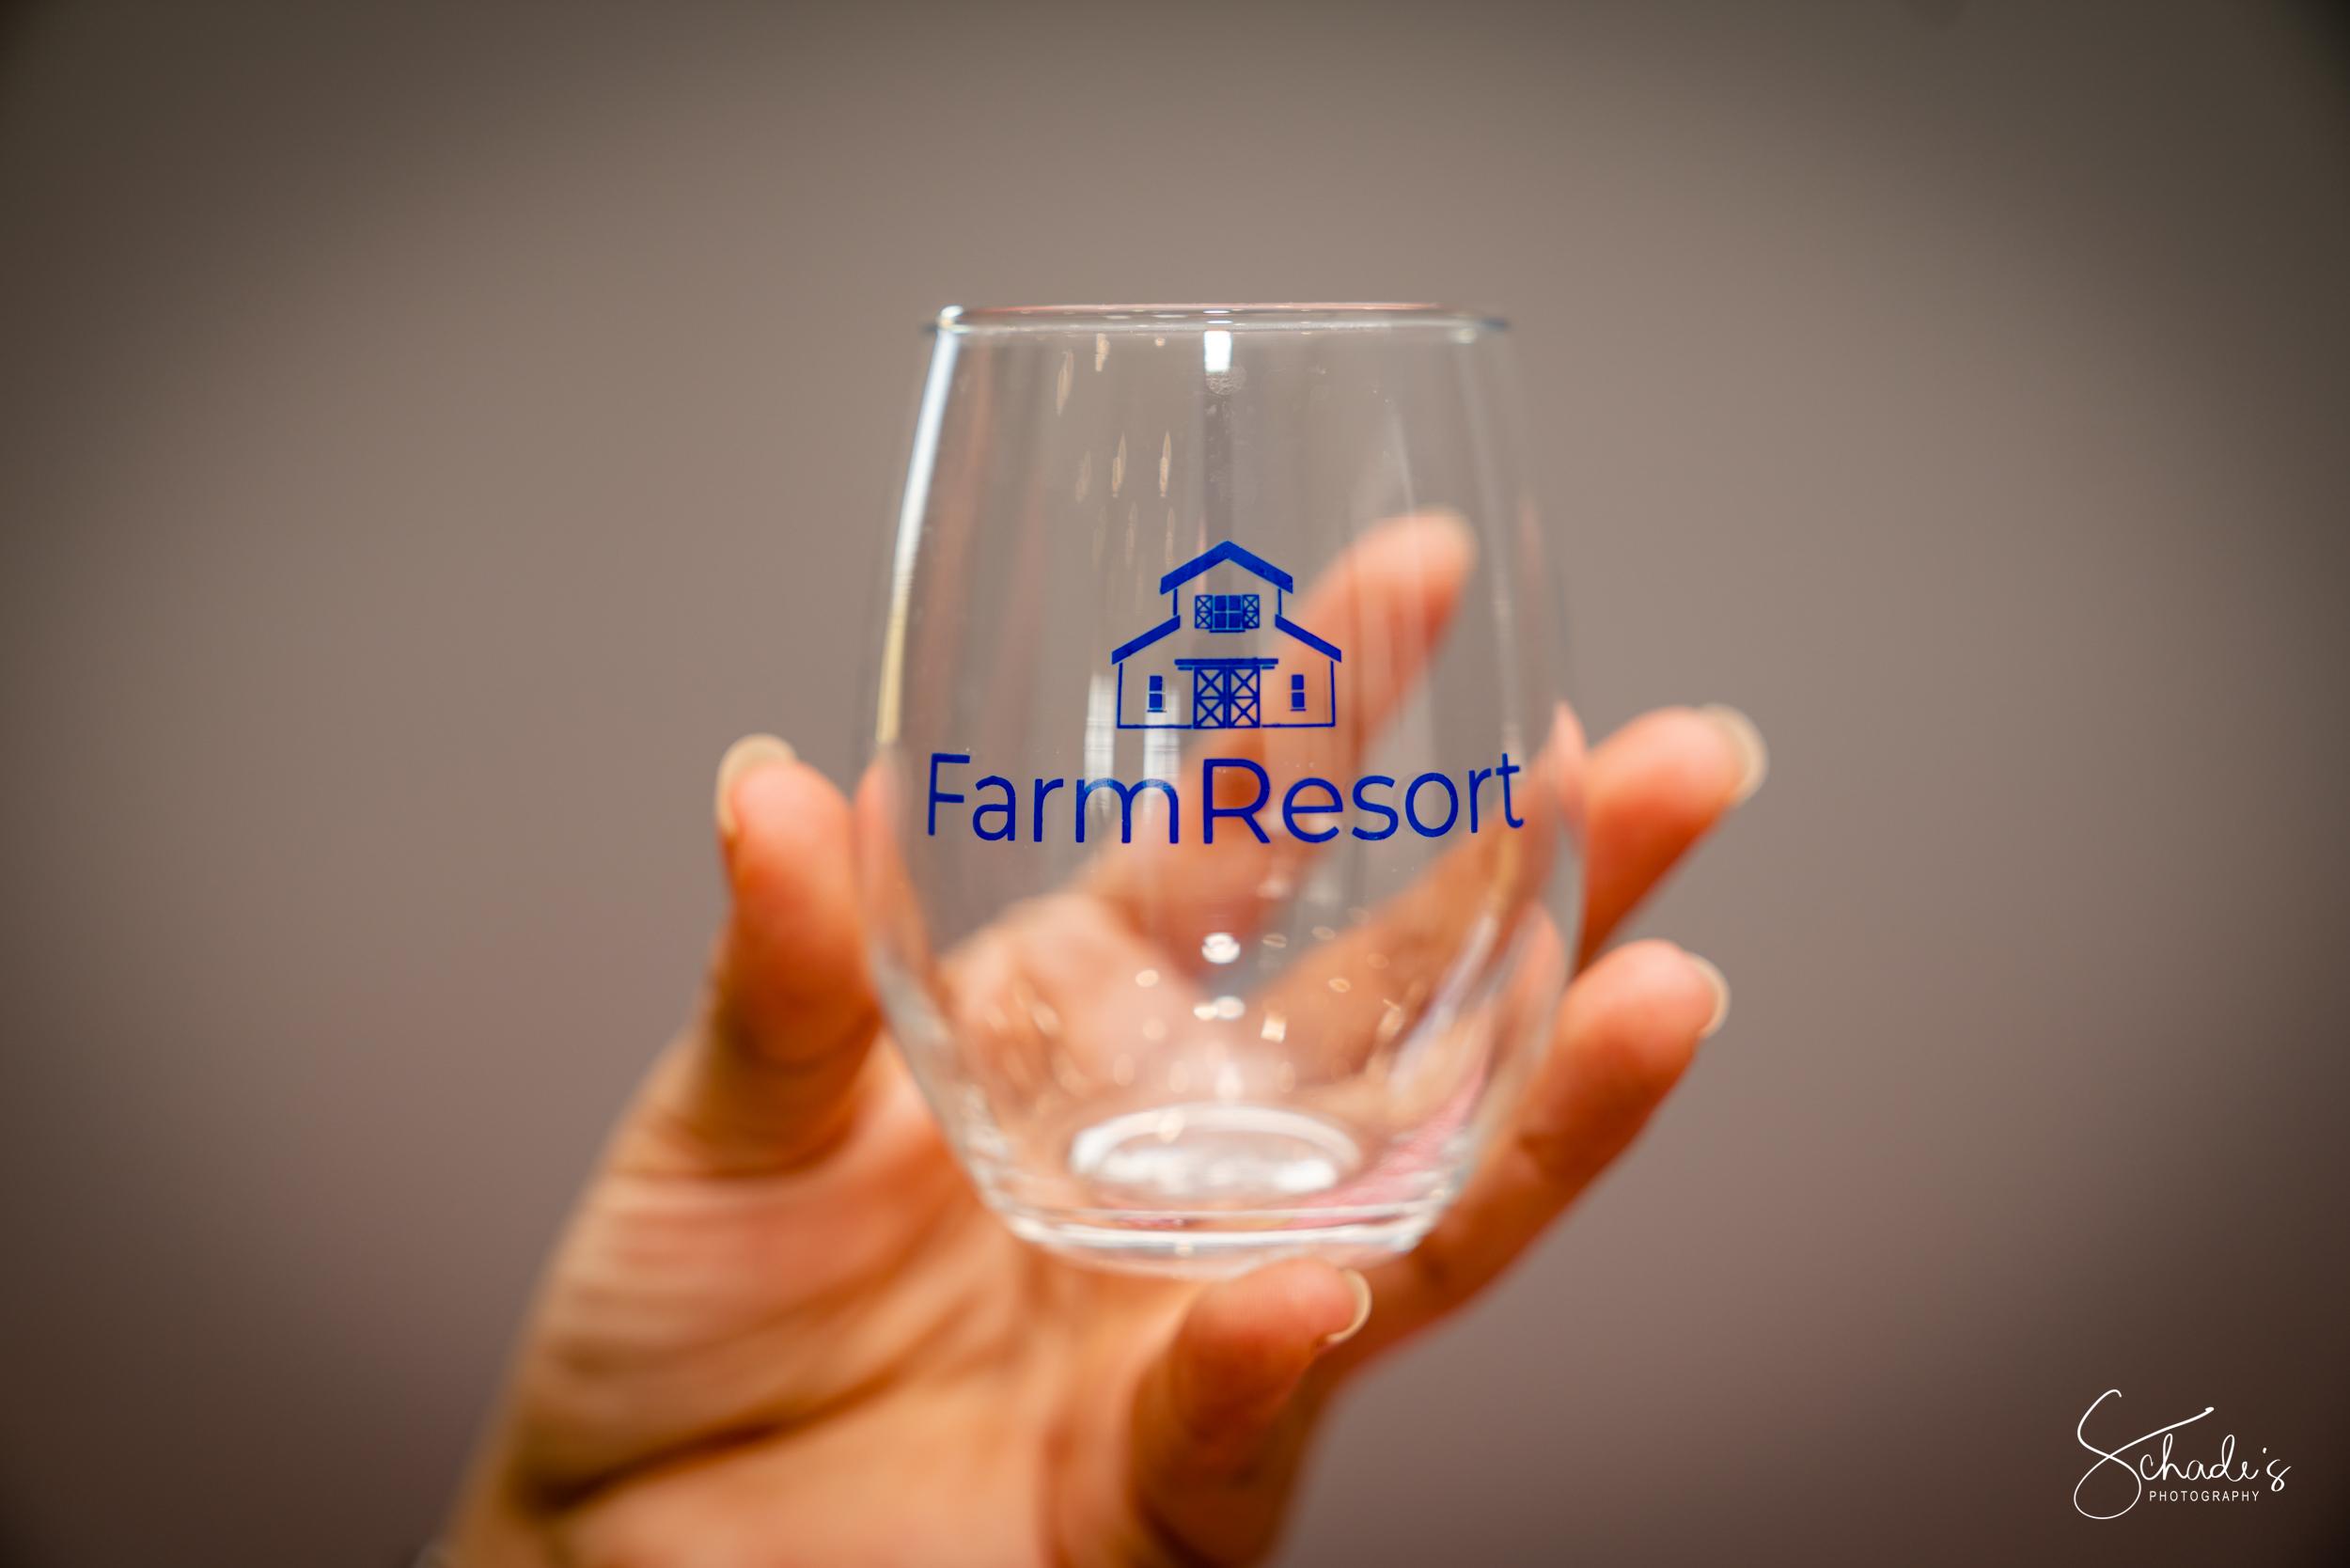 FarmResort Wine Glass in Hand.jpg